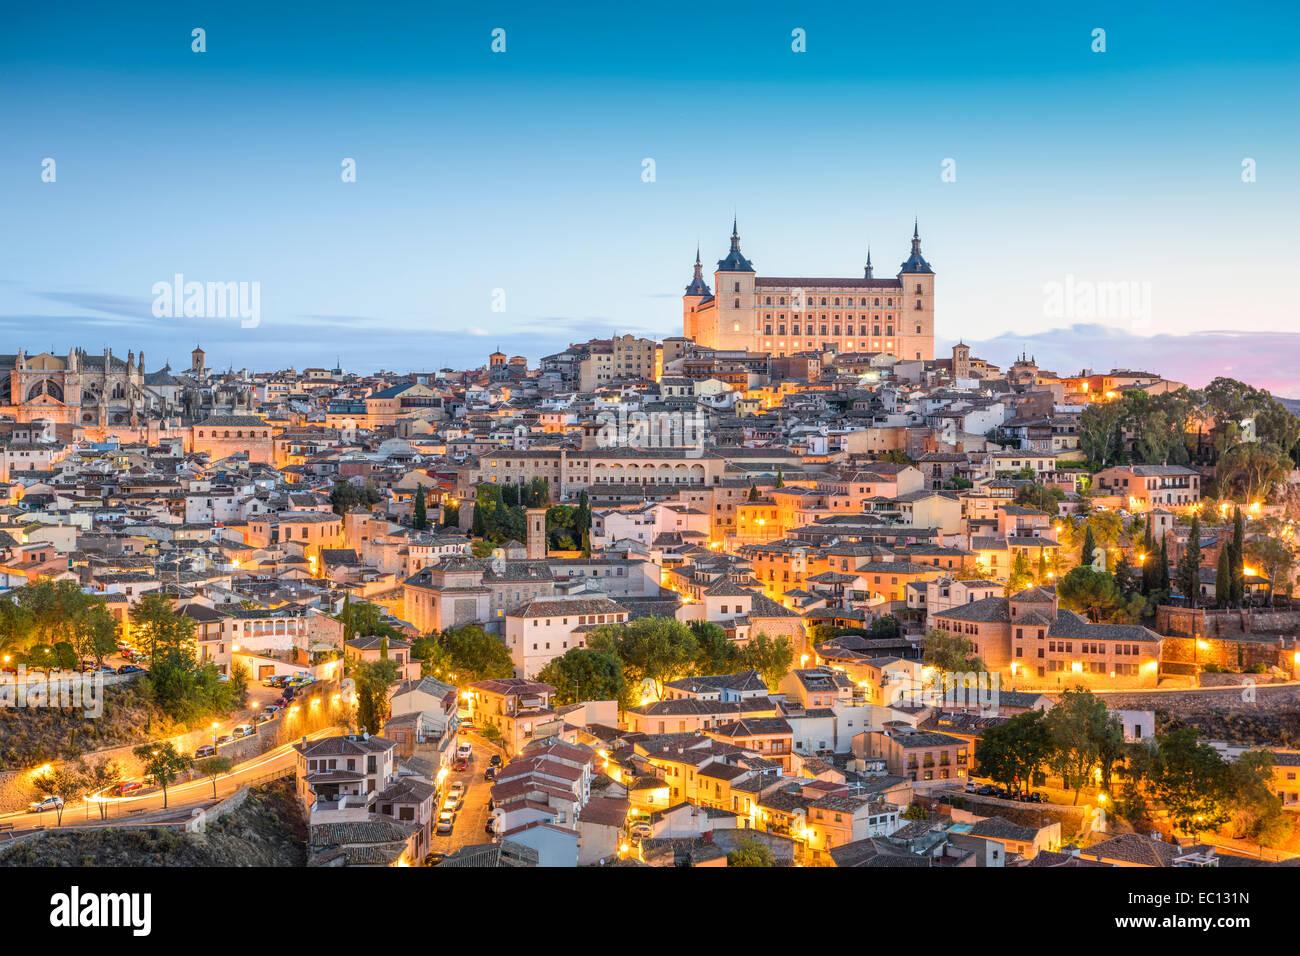 Toledo, España ciudad skyline en el Alcázar al amanecer. Imagen De Stock